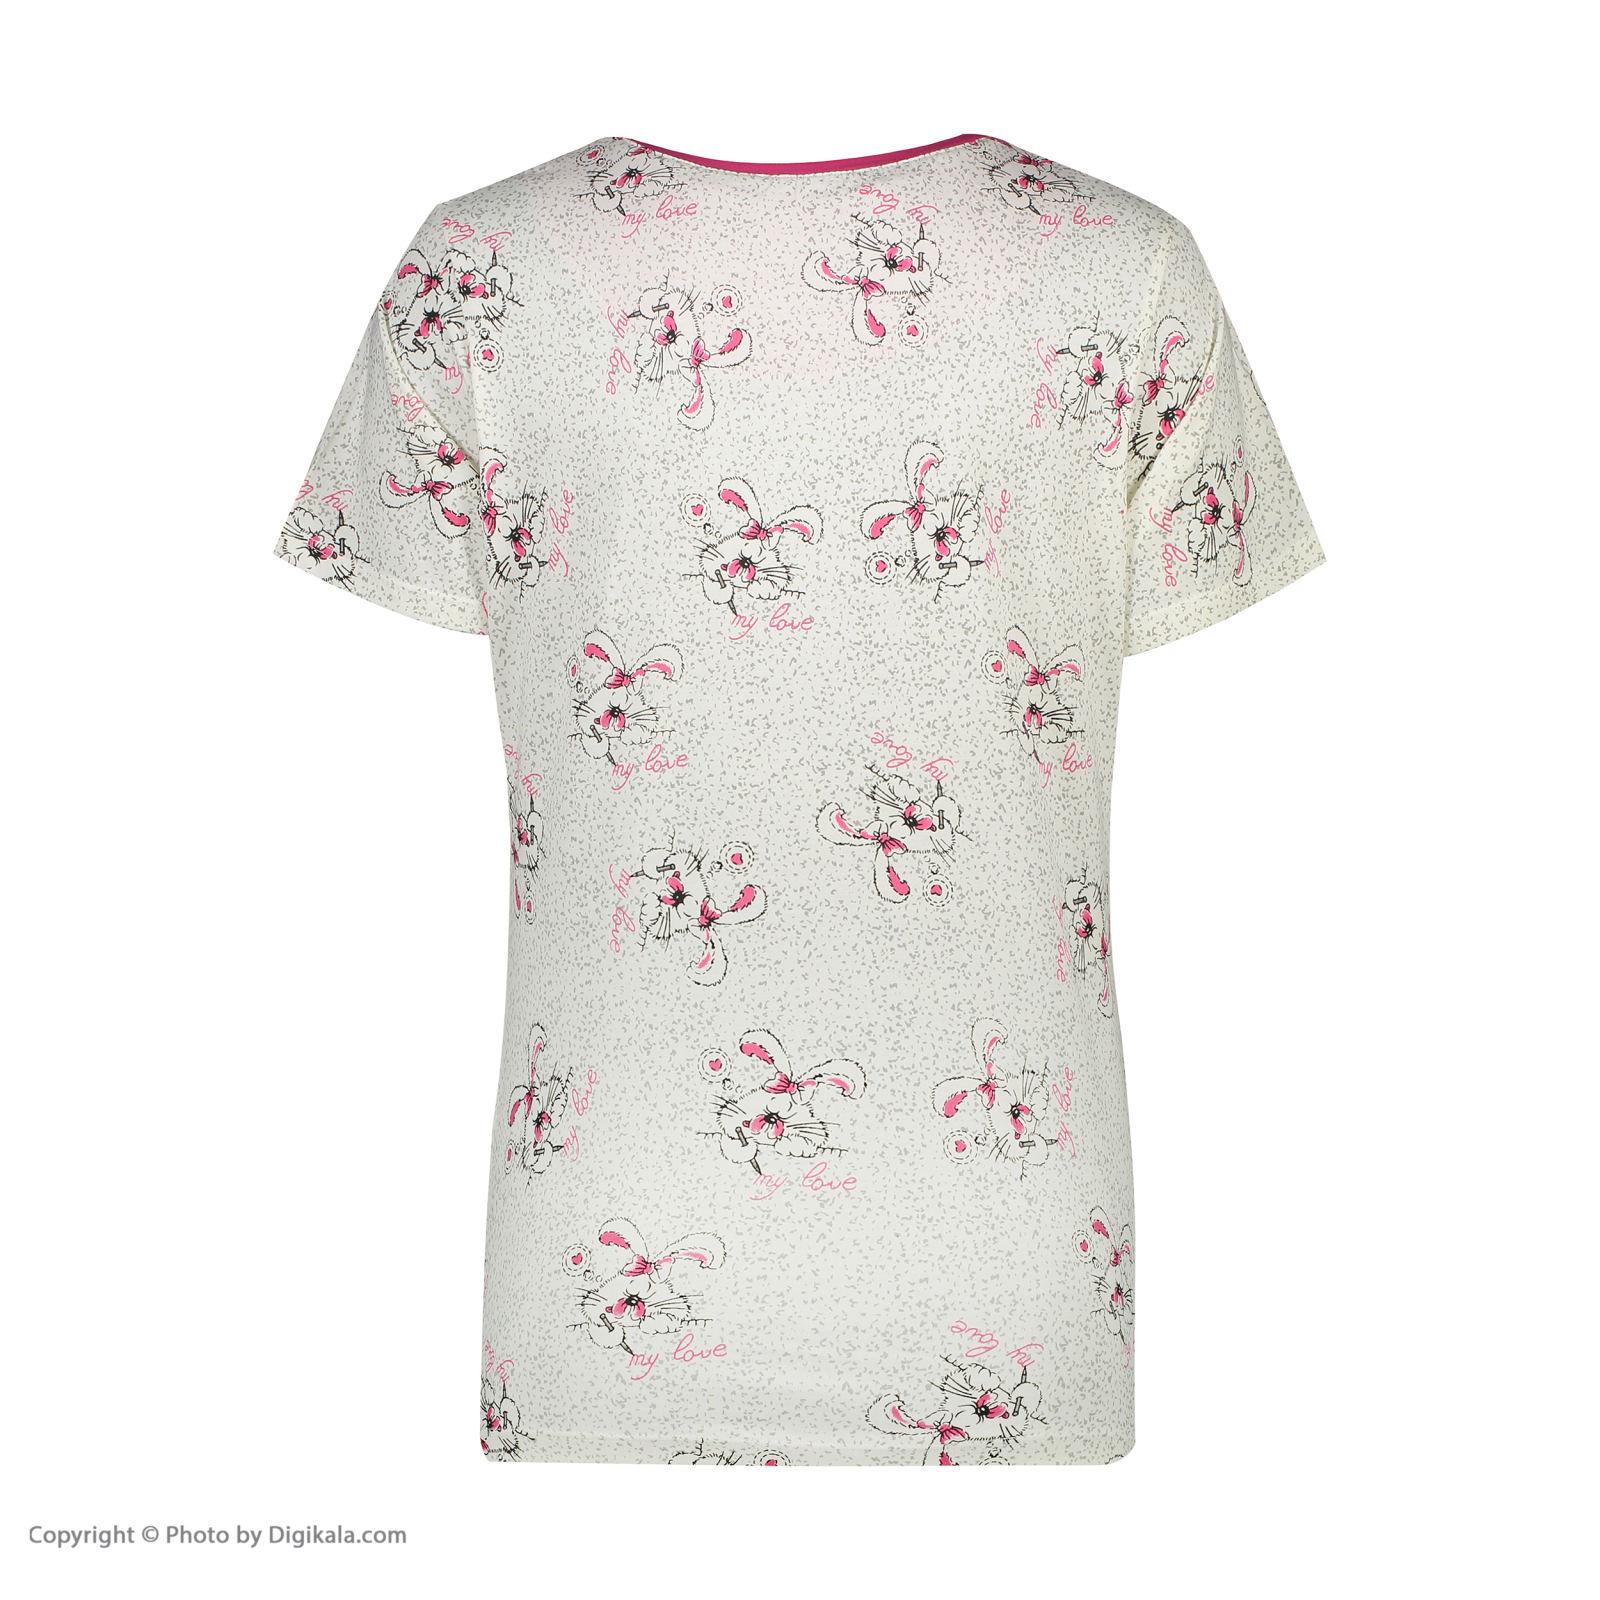 ست تی شرت و شلوارک راحتی زنانه مادر مدل 2041105-66 -  - 6